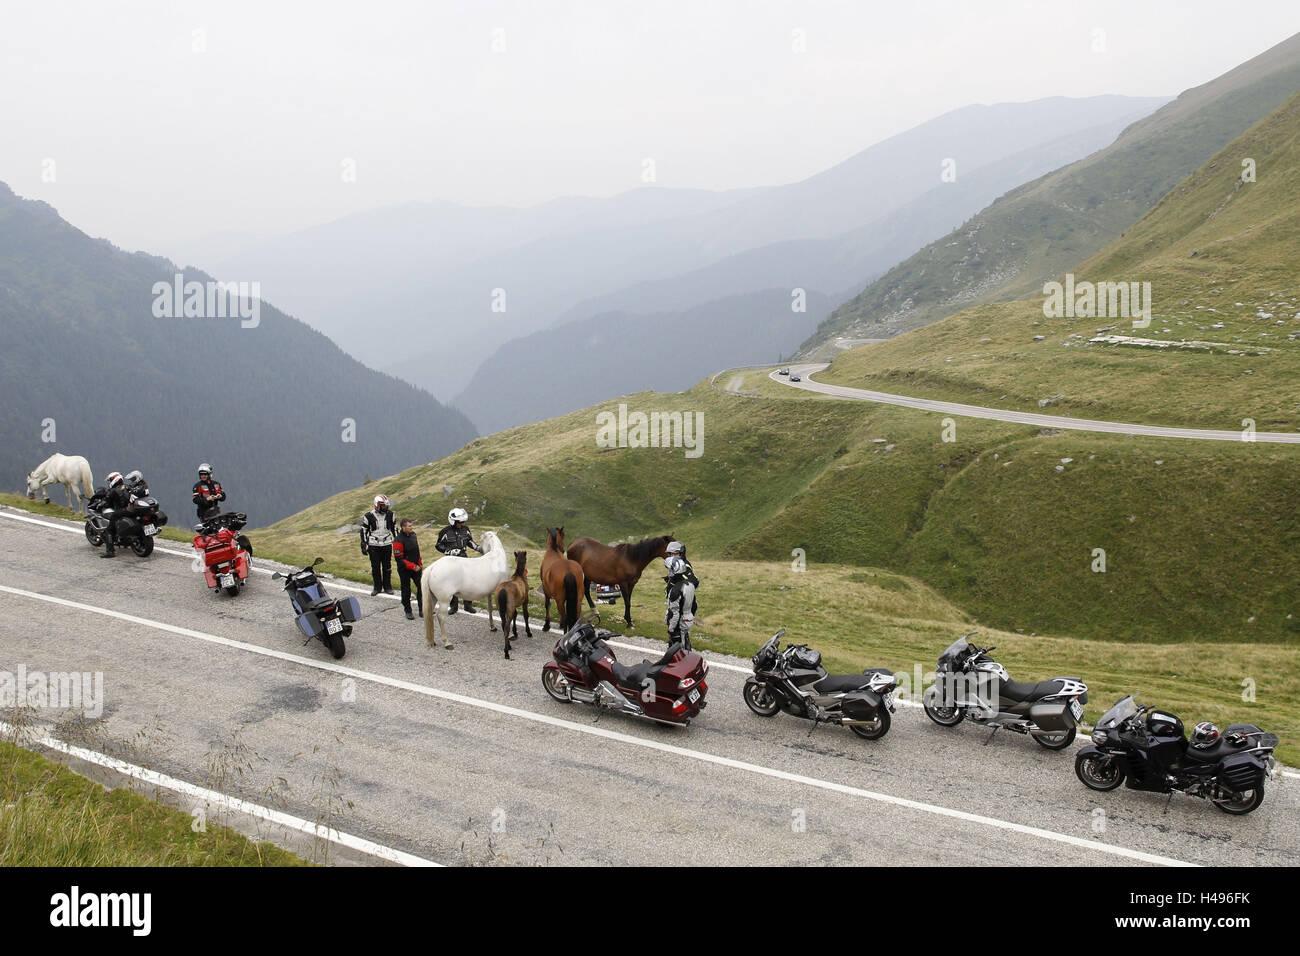 Ambiance moto reste, ALP, route de campagne, des chevaux sur le pavé, Photo Stock